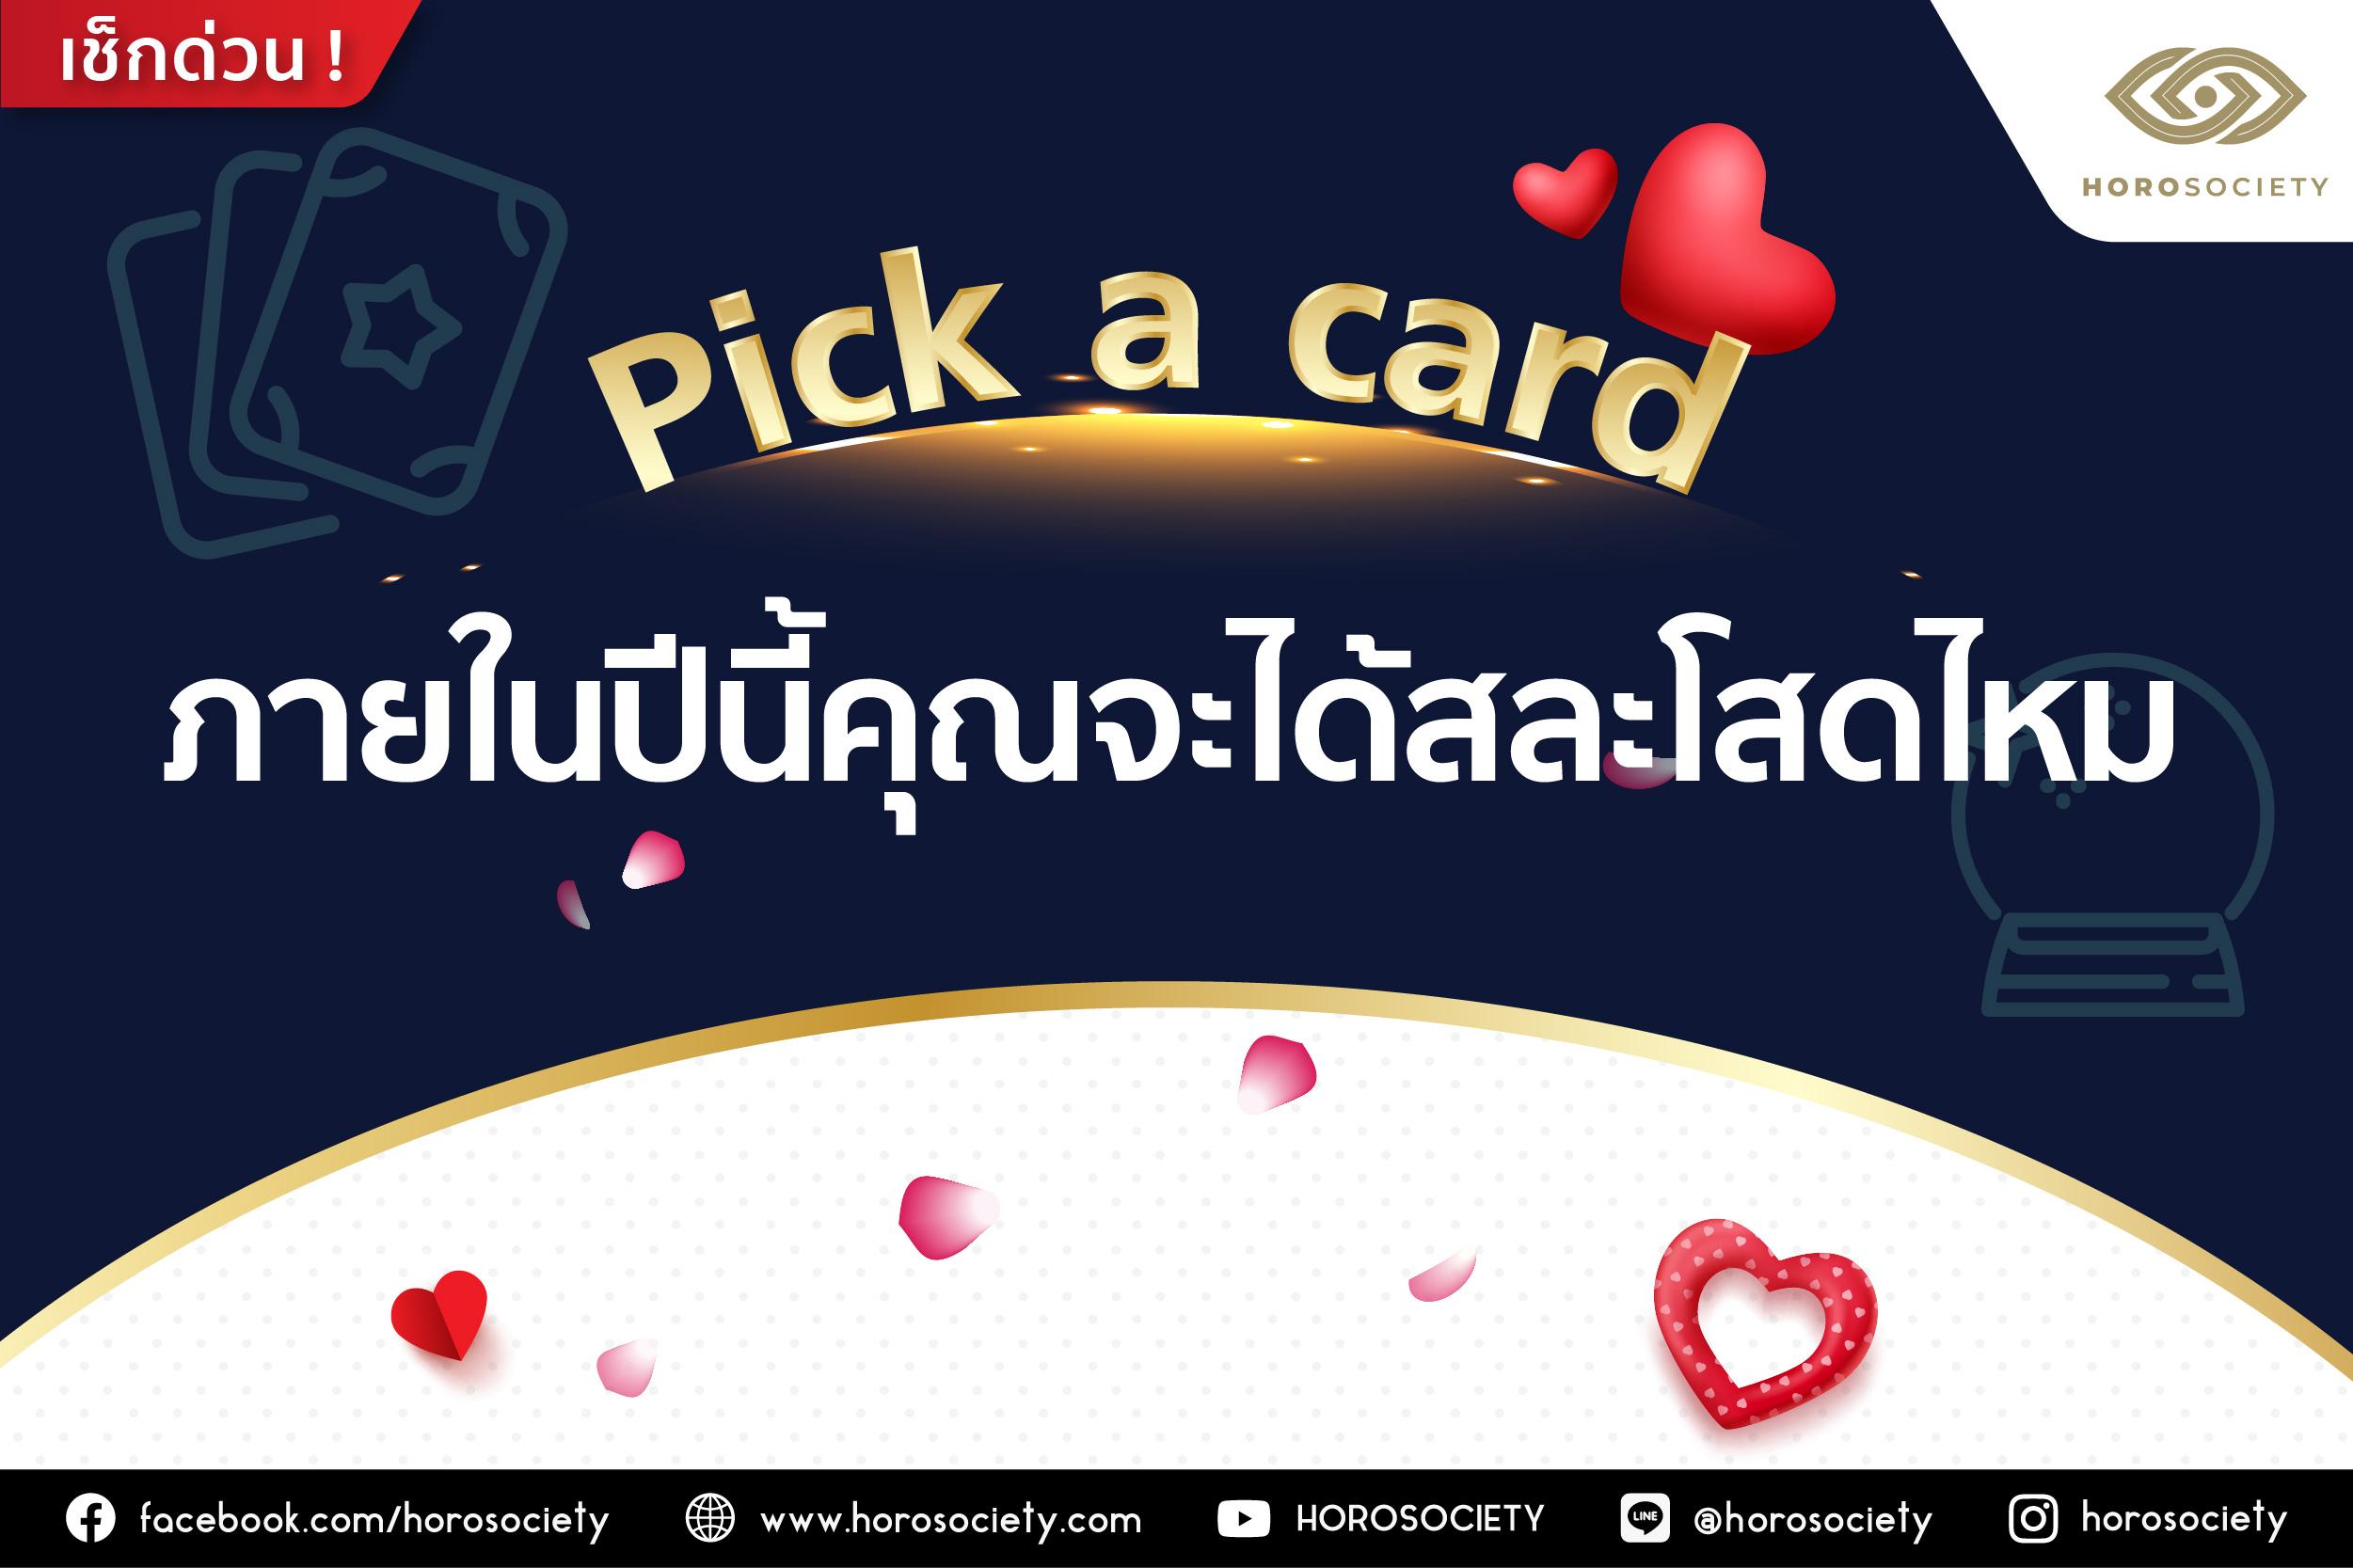 Pick a card ภายในปีนี้คุณจะได้สละโสดไหม? โดย Horosociety